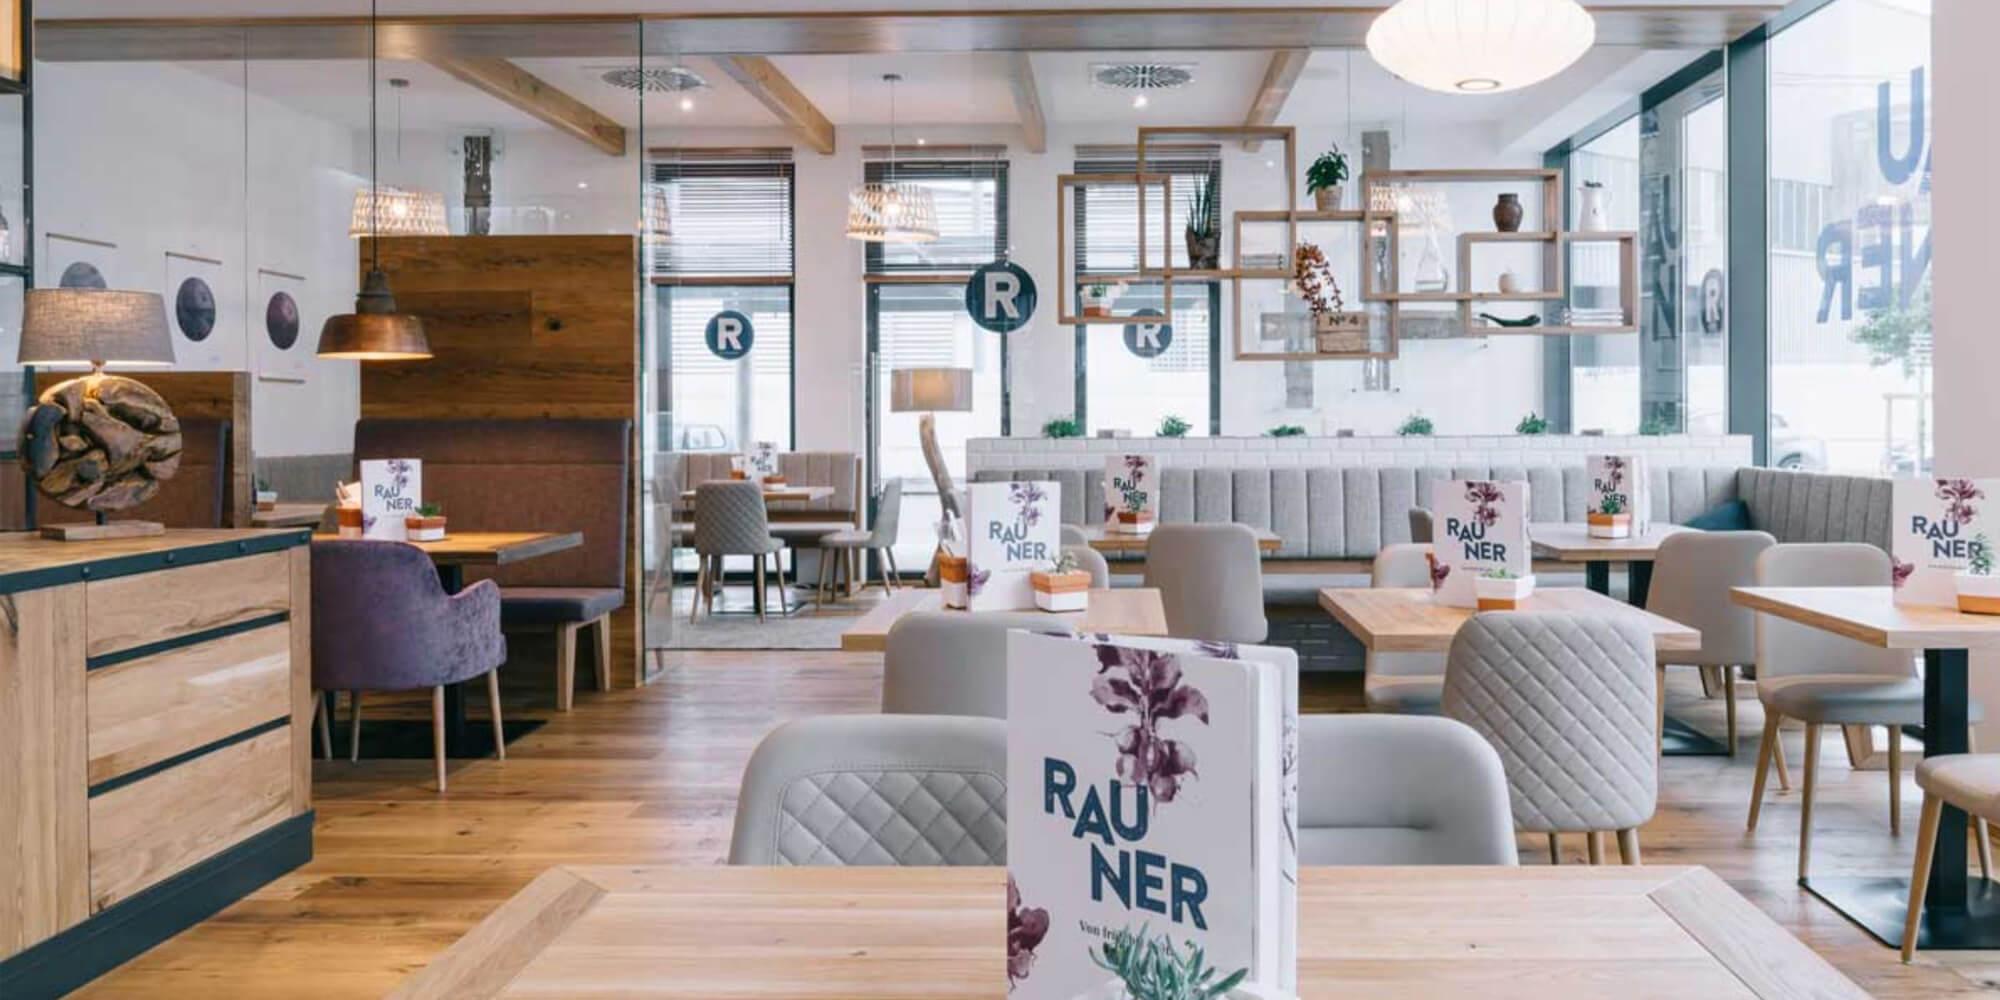 Crea-Plan-Design-Rauch-Frühmann-Architektur-Innenarchitektur-Design-Projekt-Referenz-Hotelerie-Gastronomie-Restaurant-Rauner-2